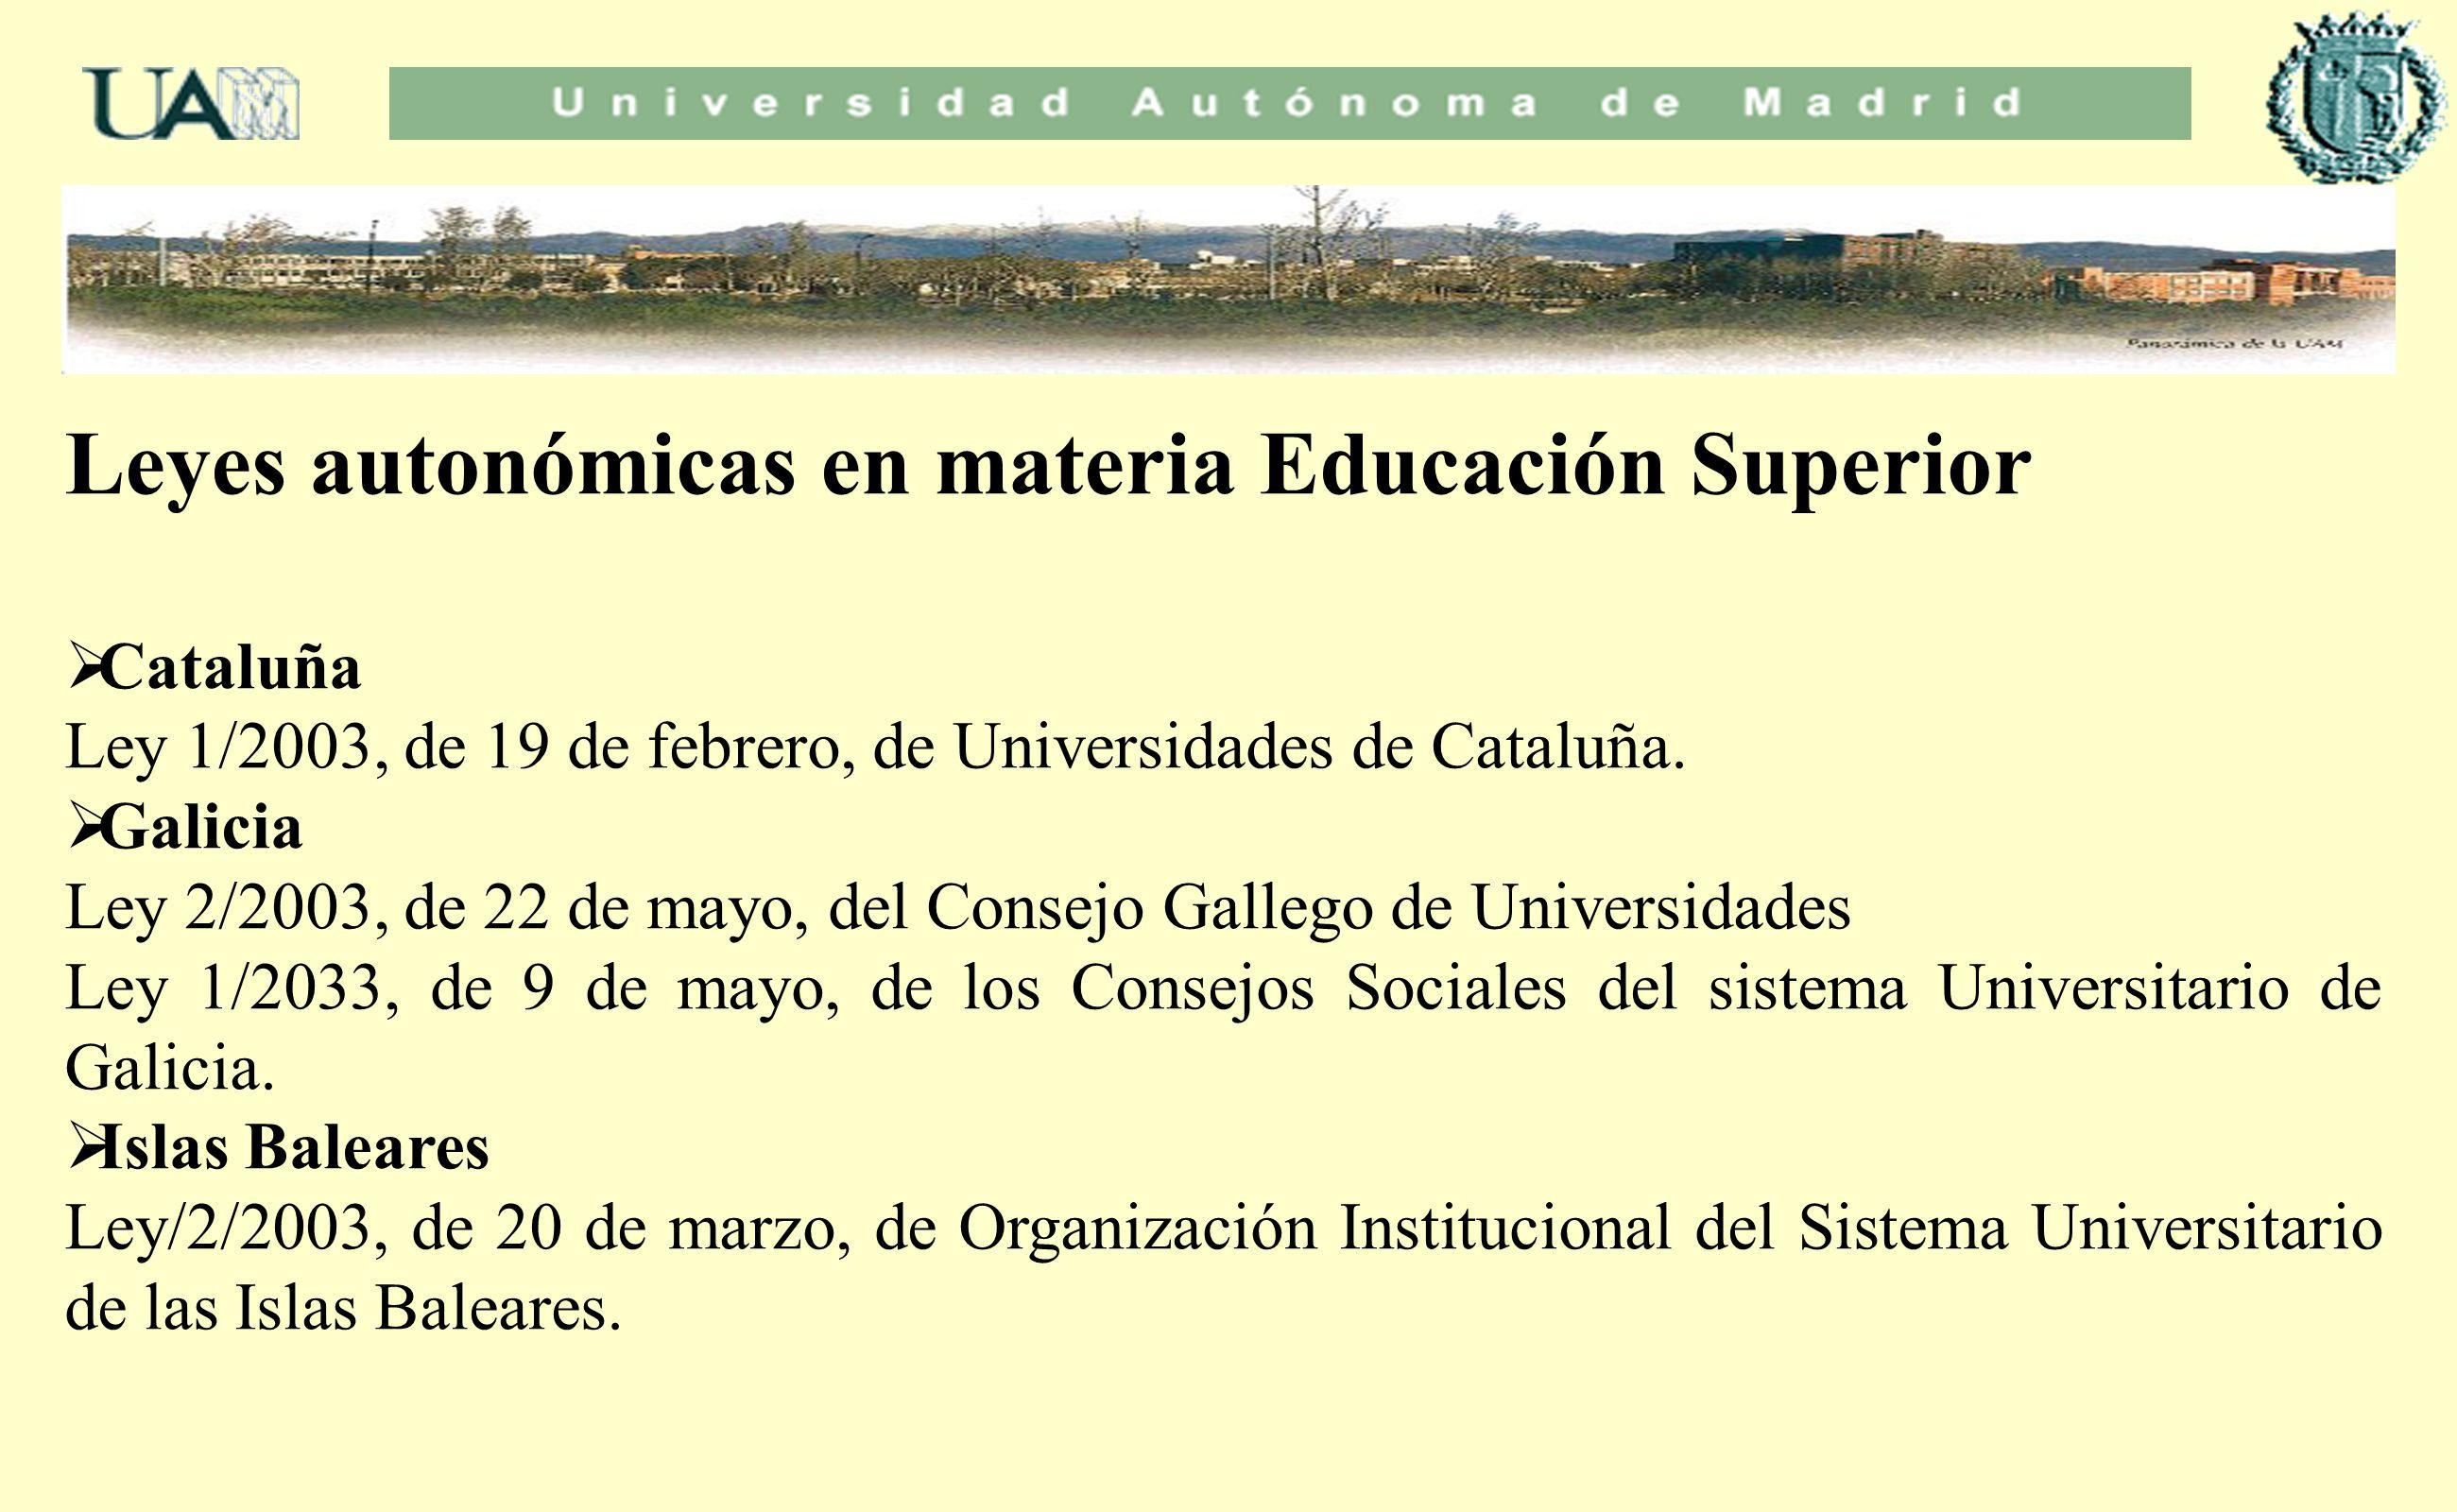 Leyes autonómicas en materia Educación Superior Cataluña Ley 1/2003, de 19 de febrero, de Universidades de Cataluña. Galicia Ley 2/2003, de 22 de mayo